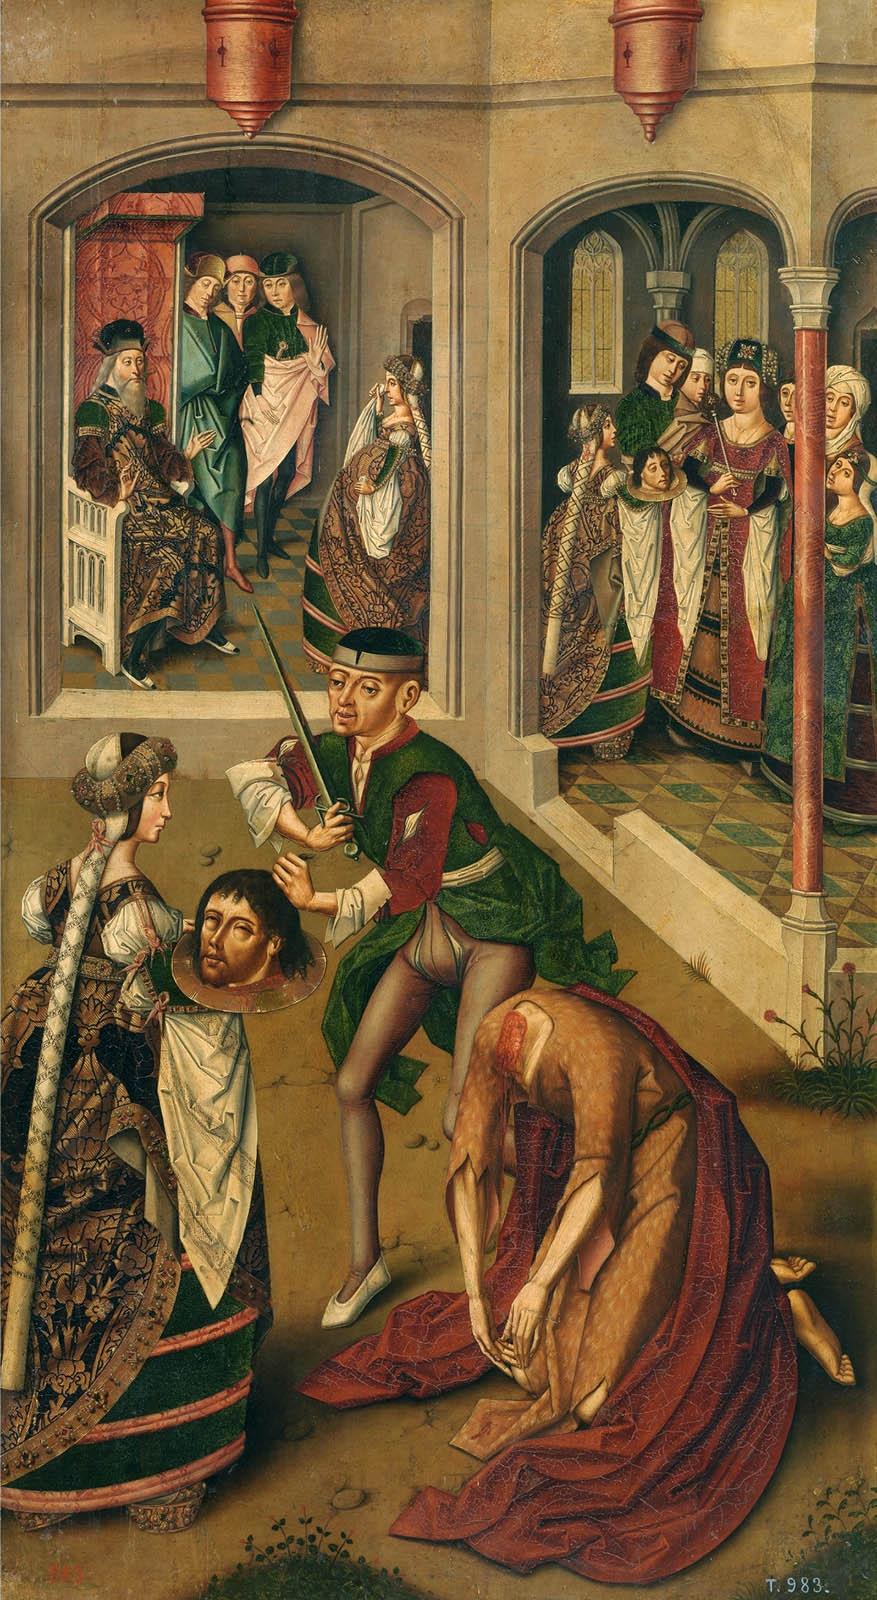 Maestro de Miraflores. La decapitación de san Juan Bautista. 1490-1500. Museo Nacional del Prado. Madrid.